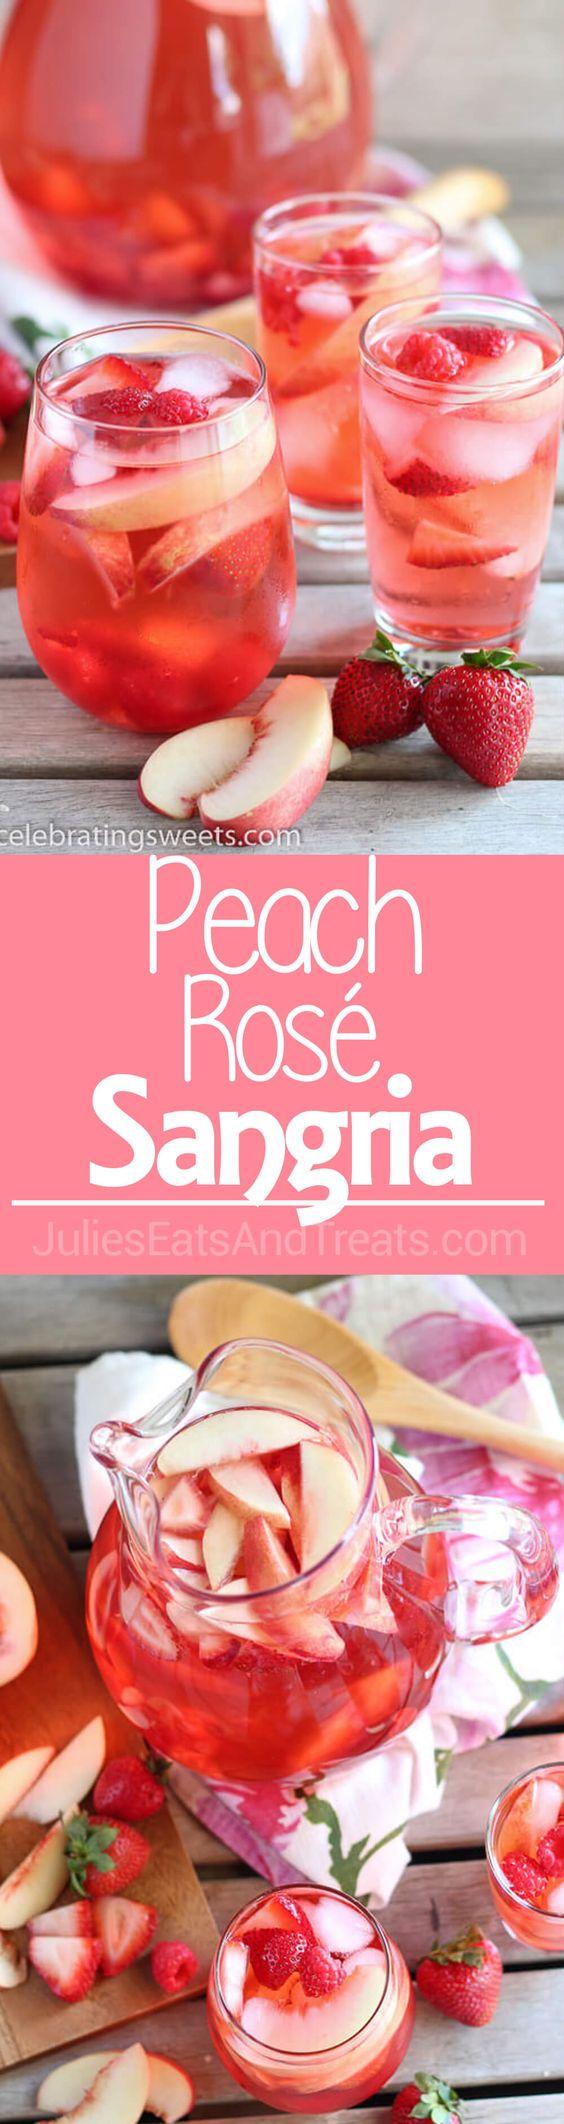 Peach Rosé Sangria - A beautiful summer sangria made of Rosé, peach juice, peach liqueur, fresh peaches, and berries.